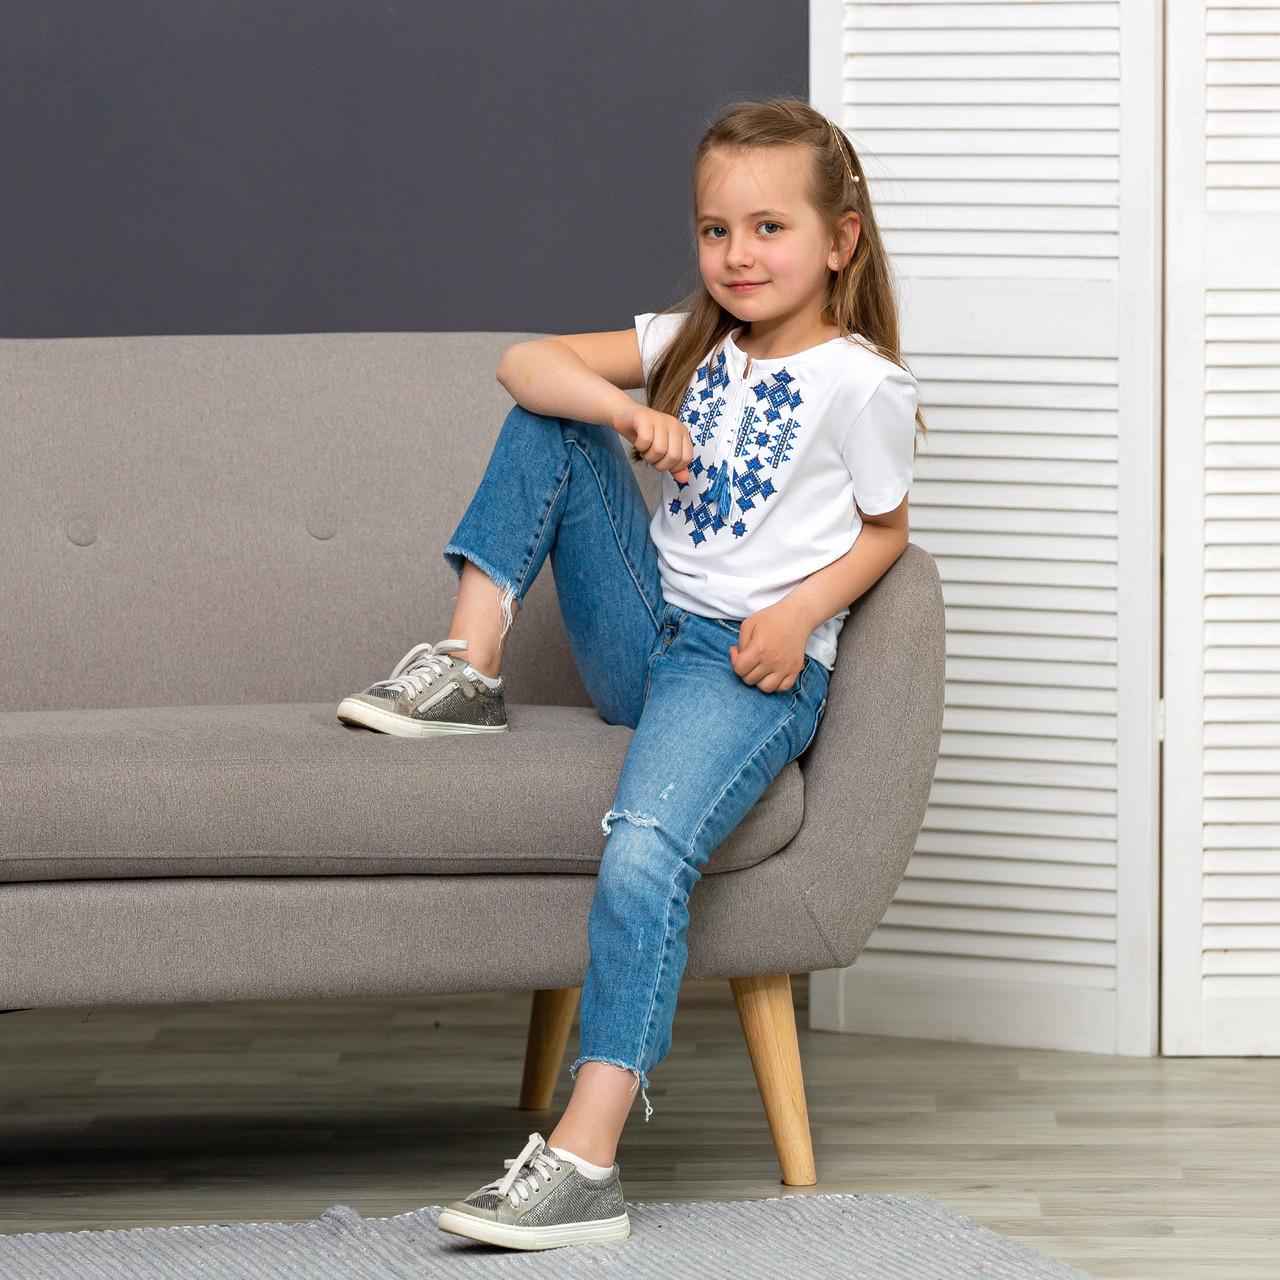 Вышиванка для девочки трикотажная Орнамент синий